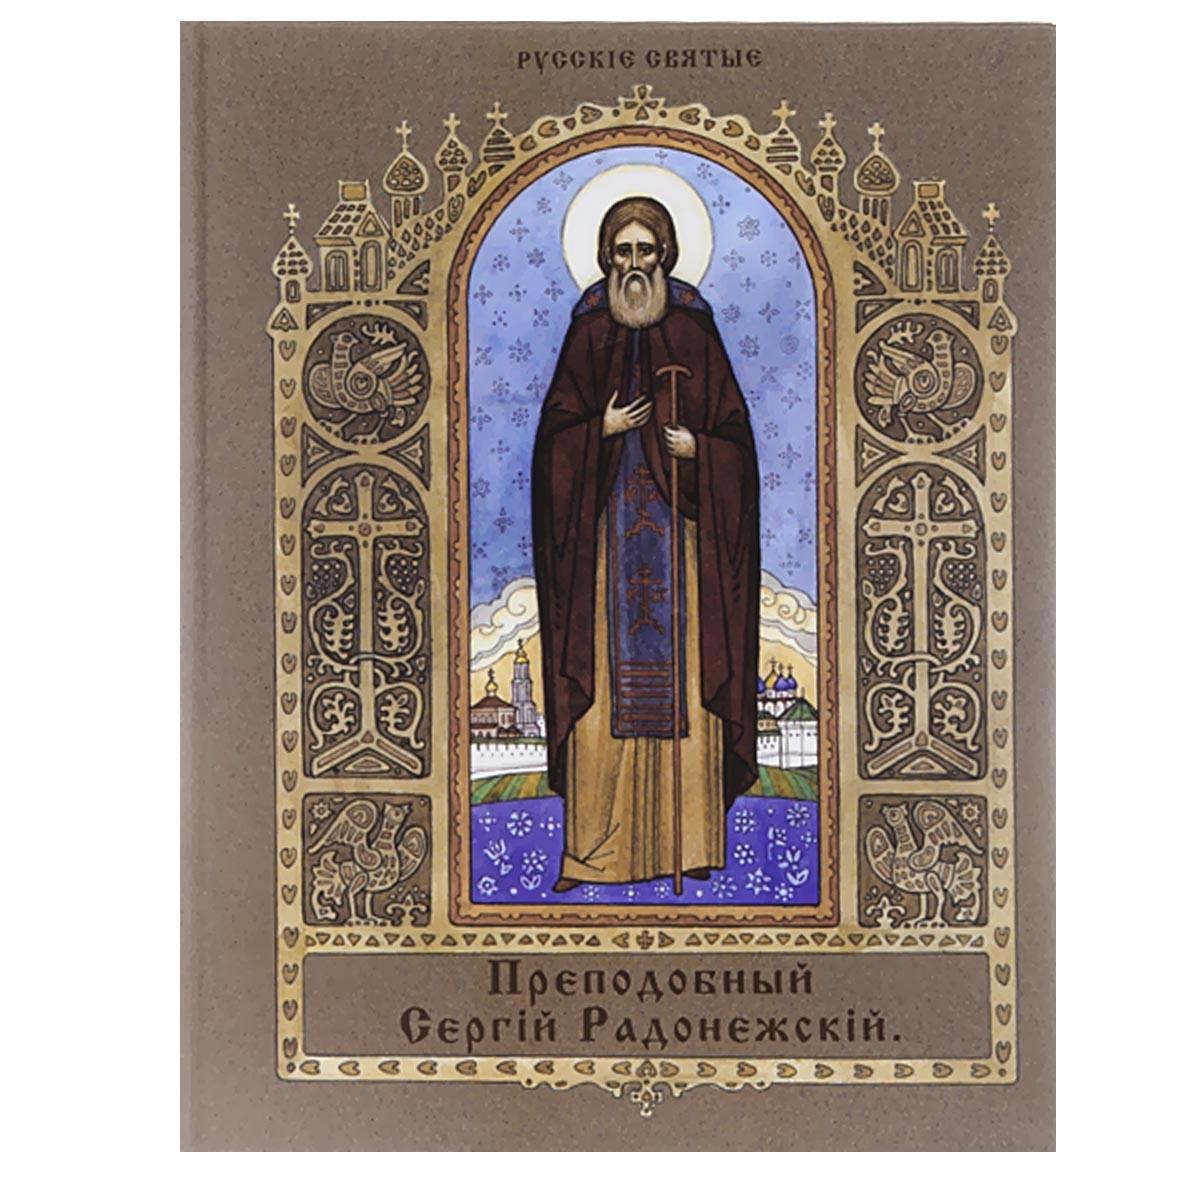 Вячеслав Марченко Преподобный Сергий Радонежский 13 114 икона святой преподобный сергей радонежский